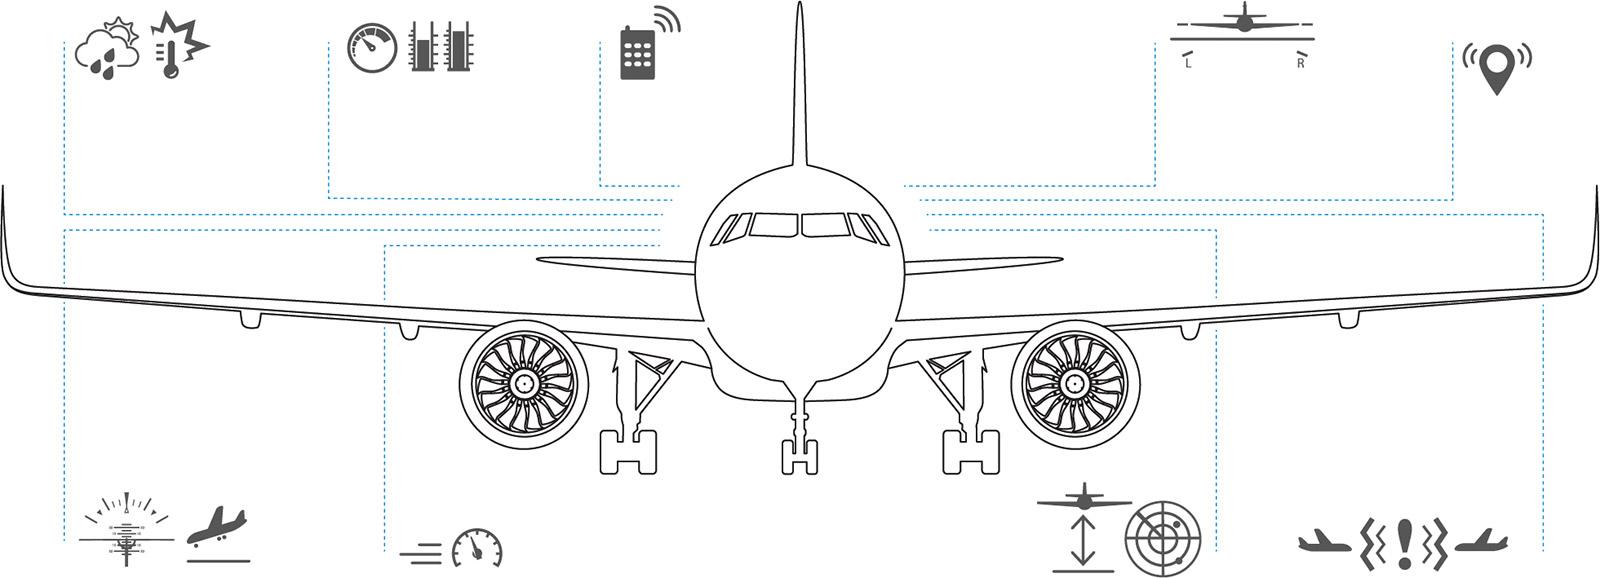 aeroreport_flugzeug-augen-ohren.jpg